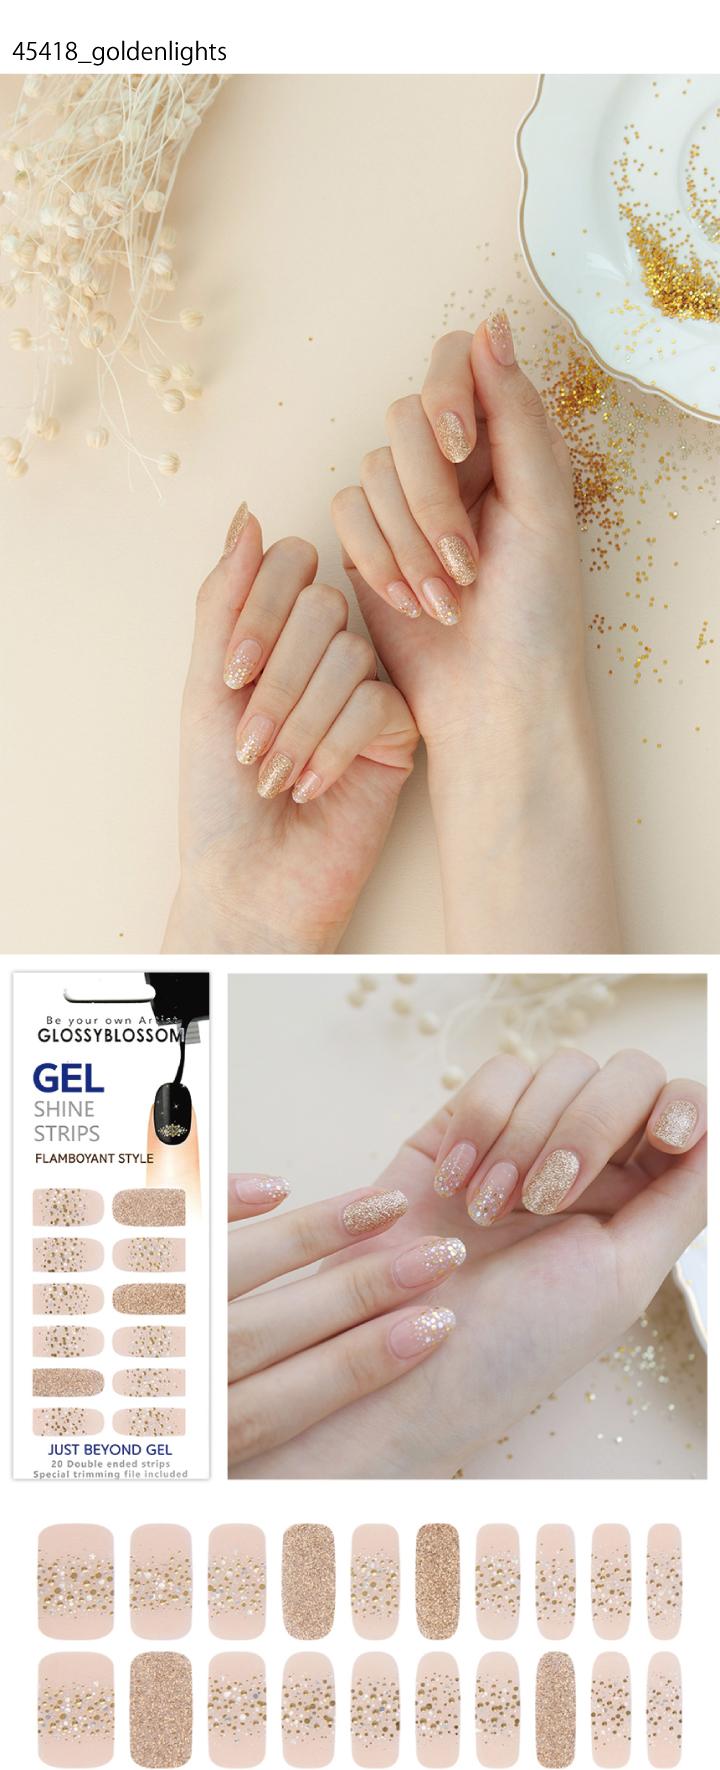 gb45418_goldenlights